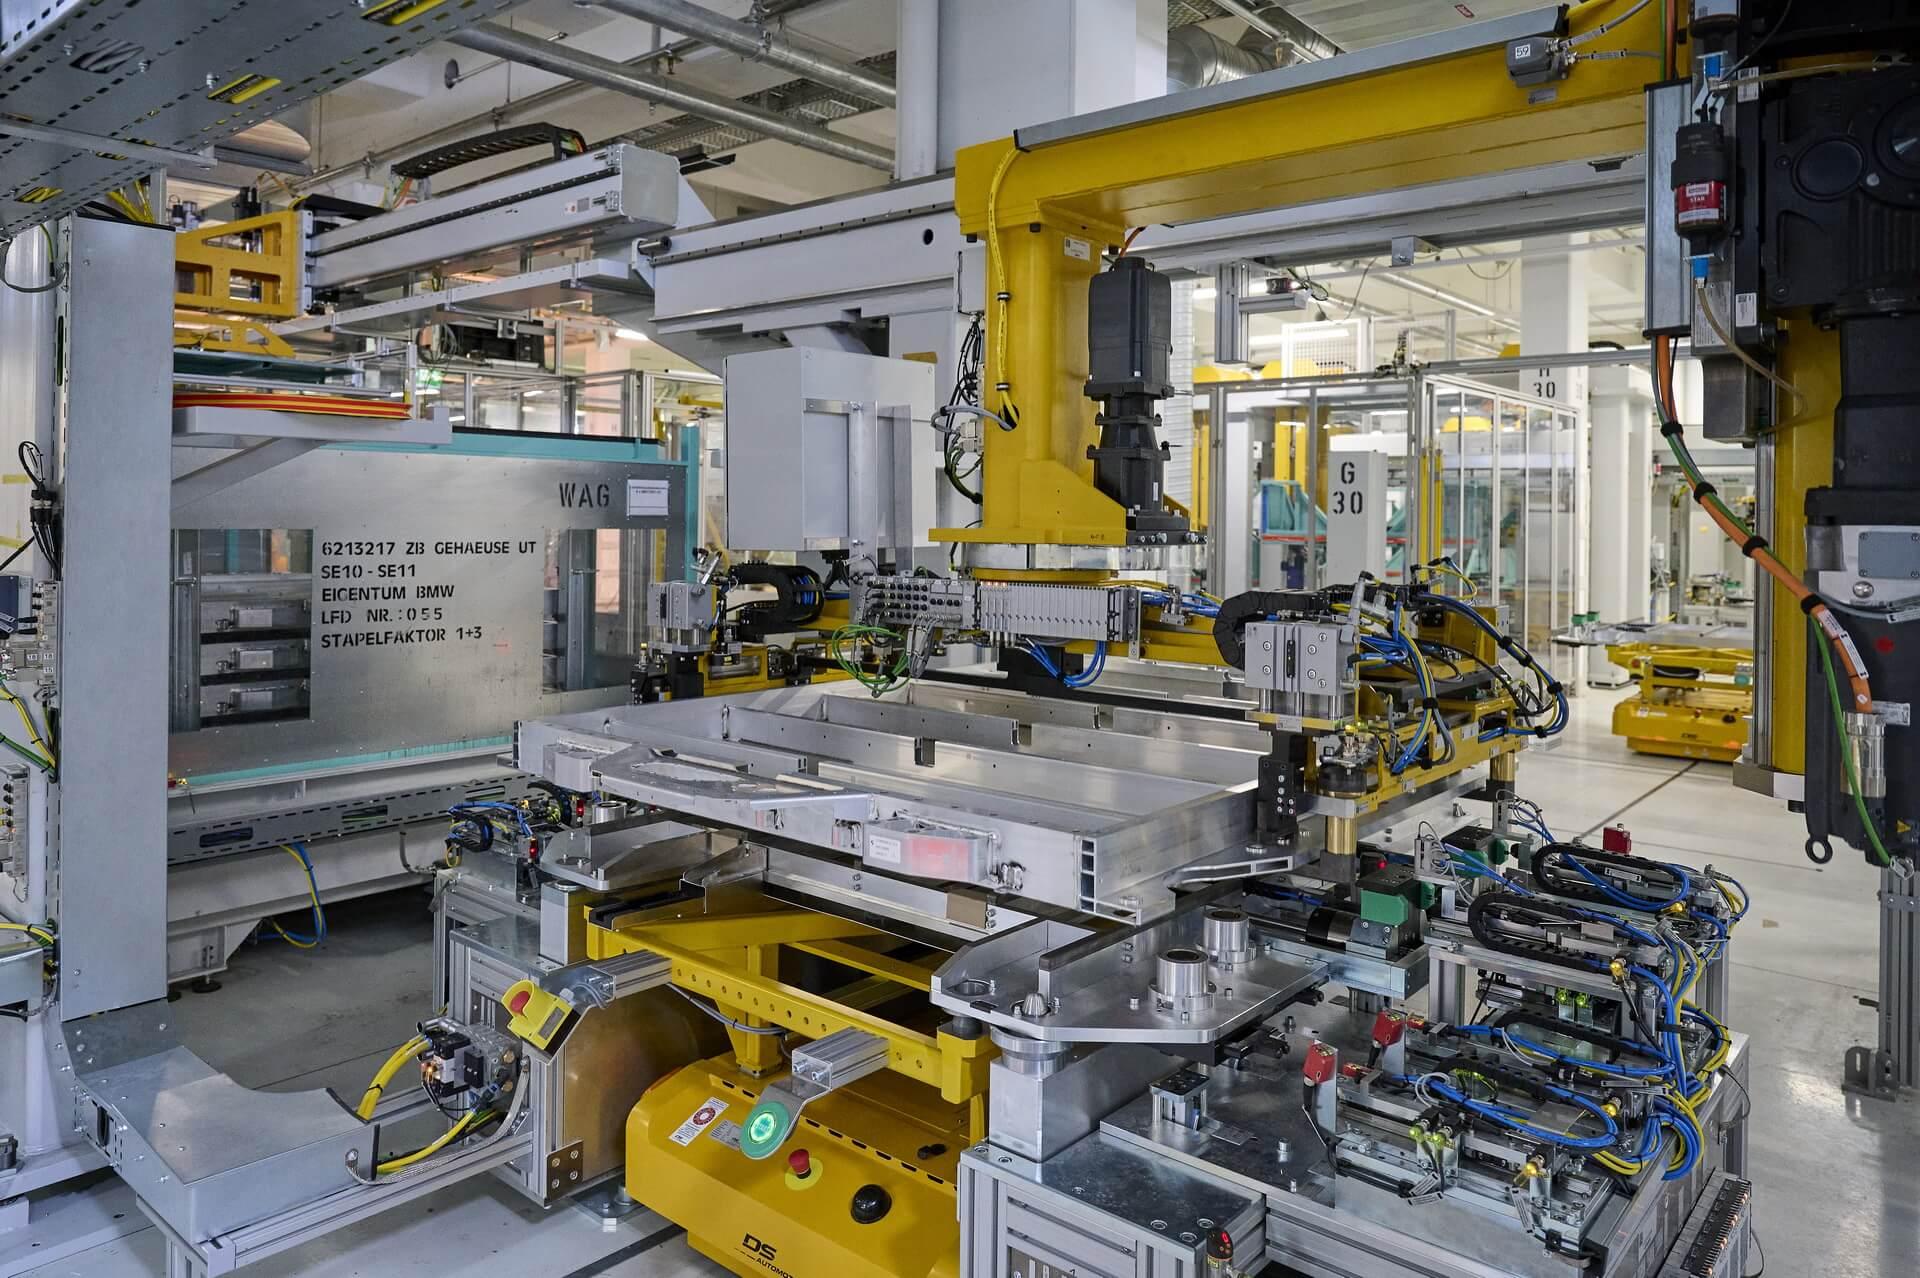 Производство высоковольтных батарей иаккумуляторных модулей для BMW iXиBMW i4 в Дингольфинге